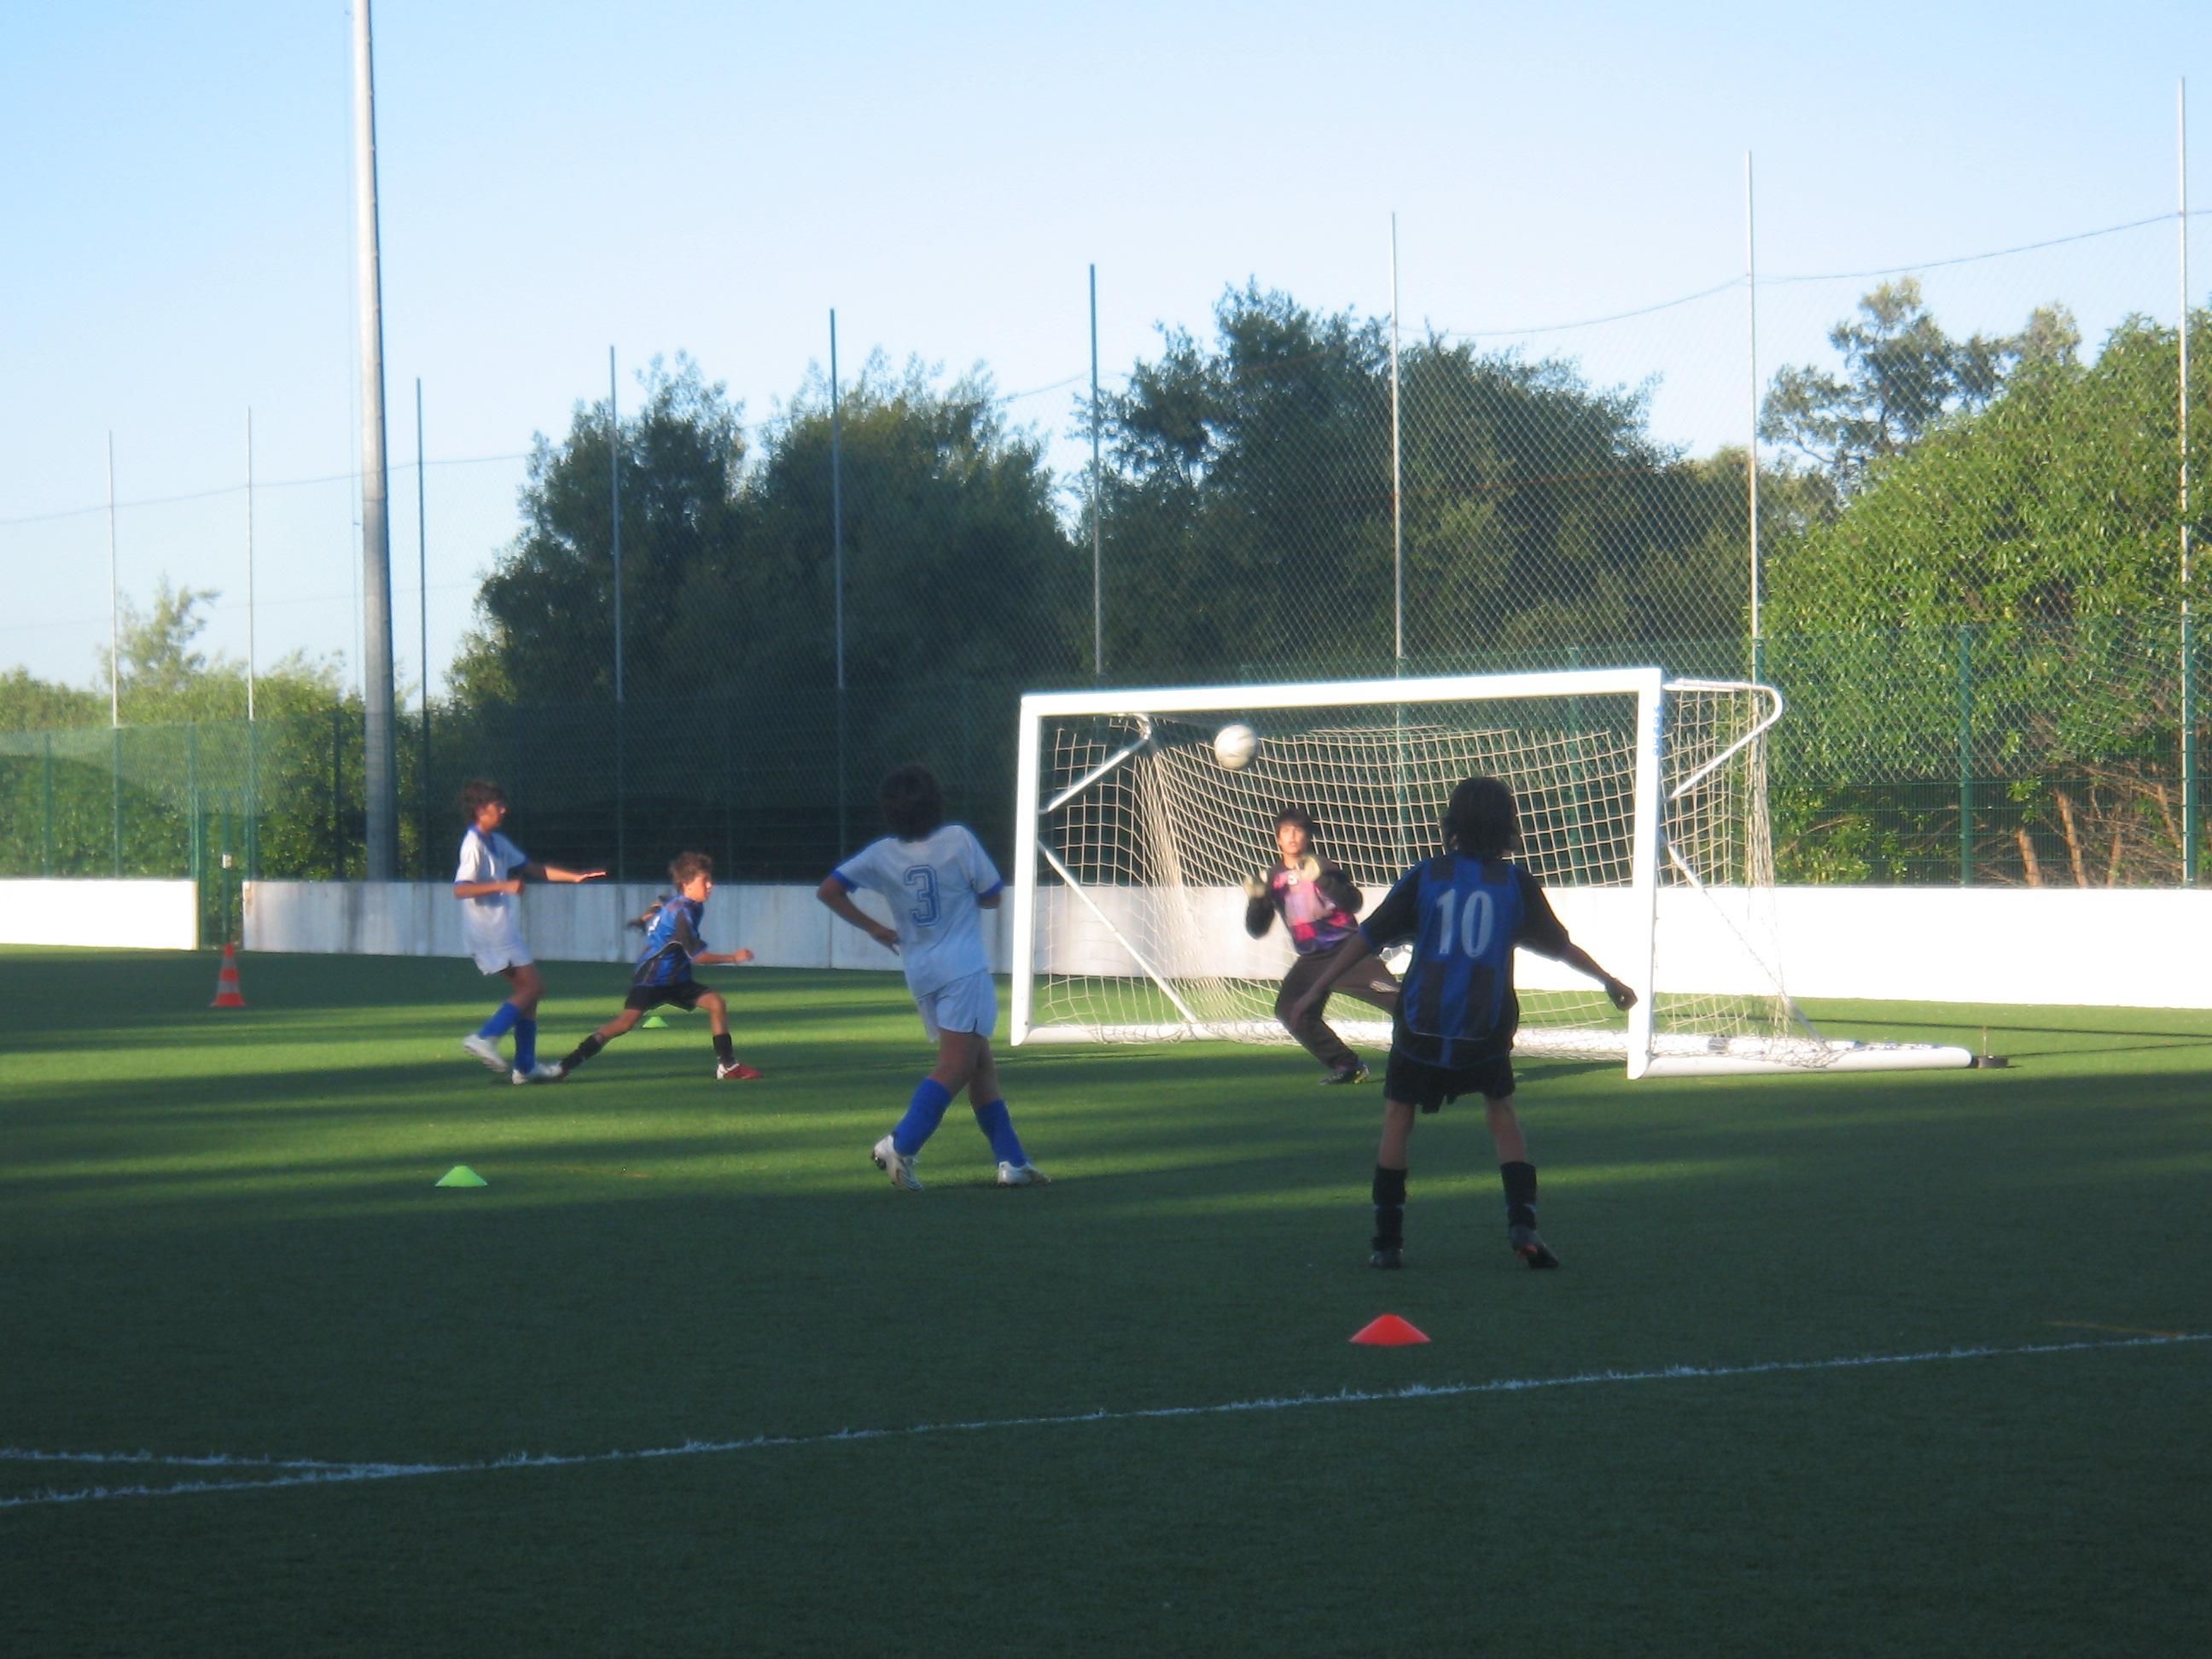 ca7b628f982bfa O papel do treinador no futebol de formação segundo a Abordagem ...